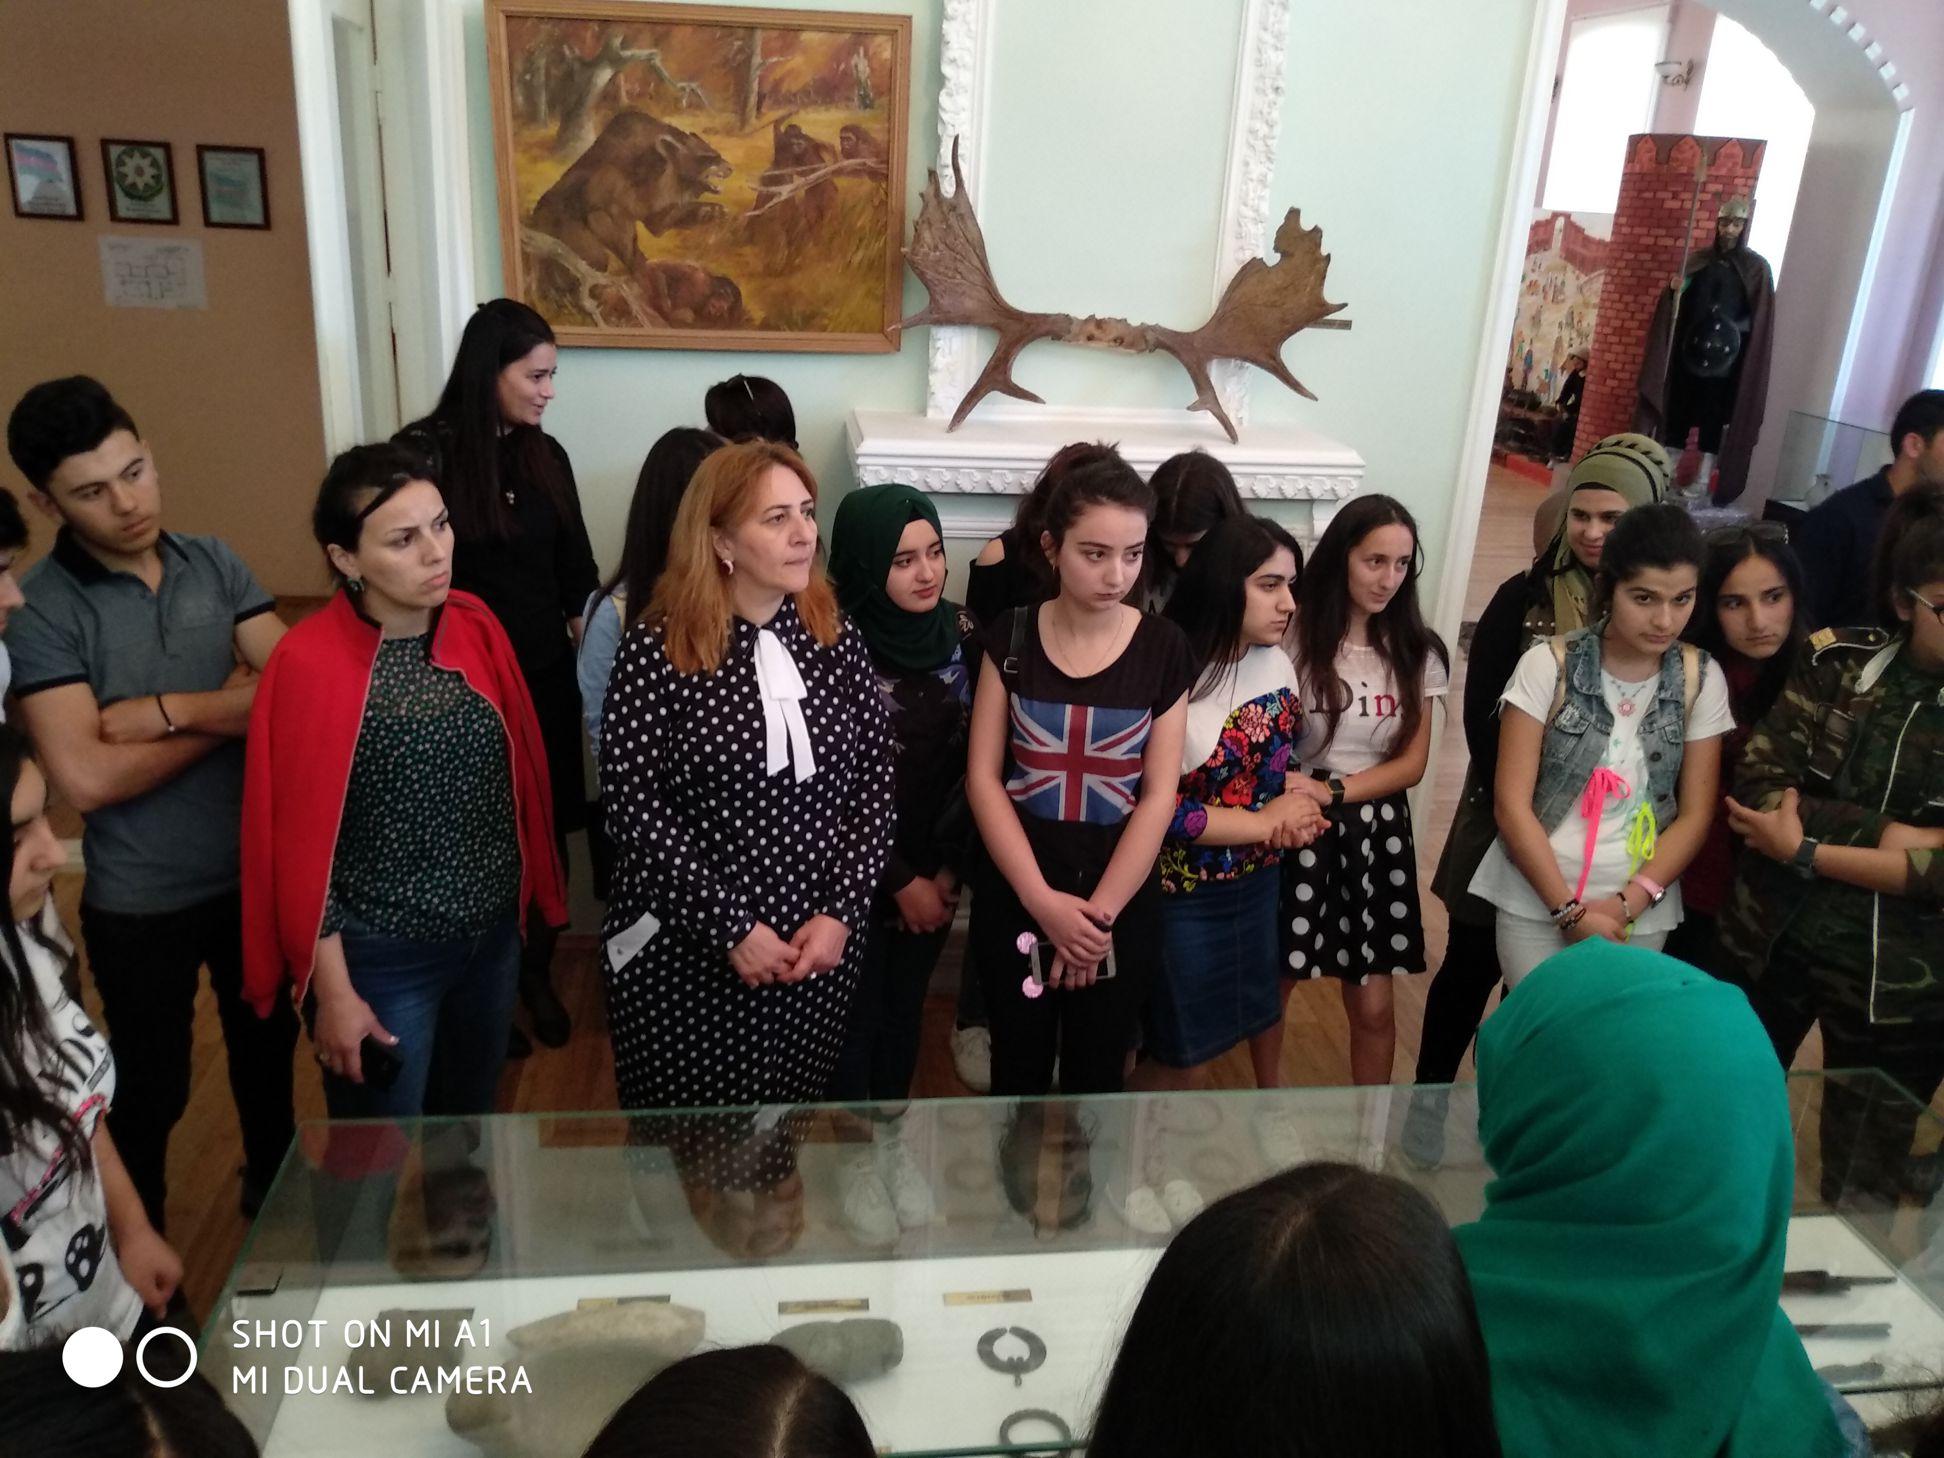 Azərbaycan Xalq Cumhuriyyətinin 100 illiyi ilə bağlı tədbirlər davam edir